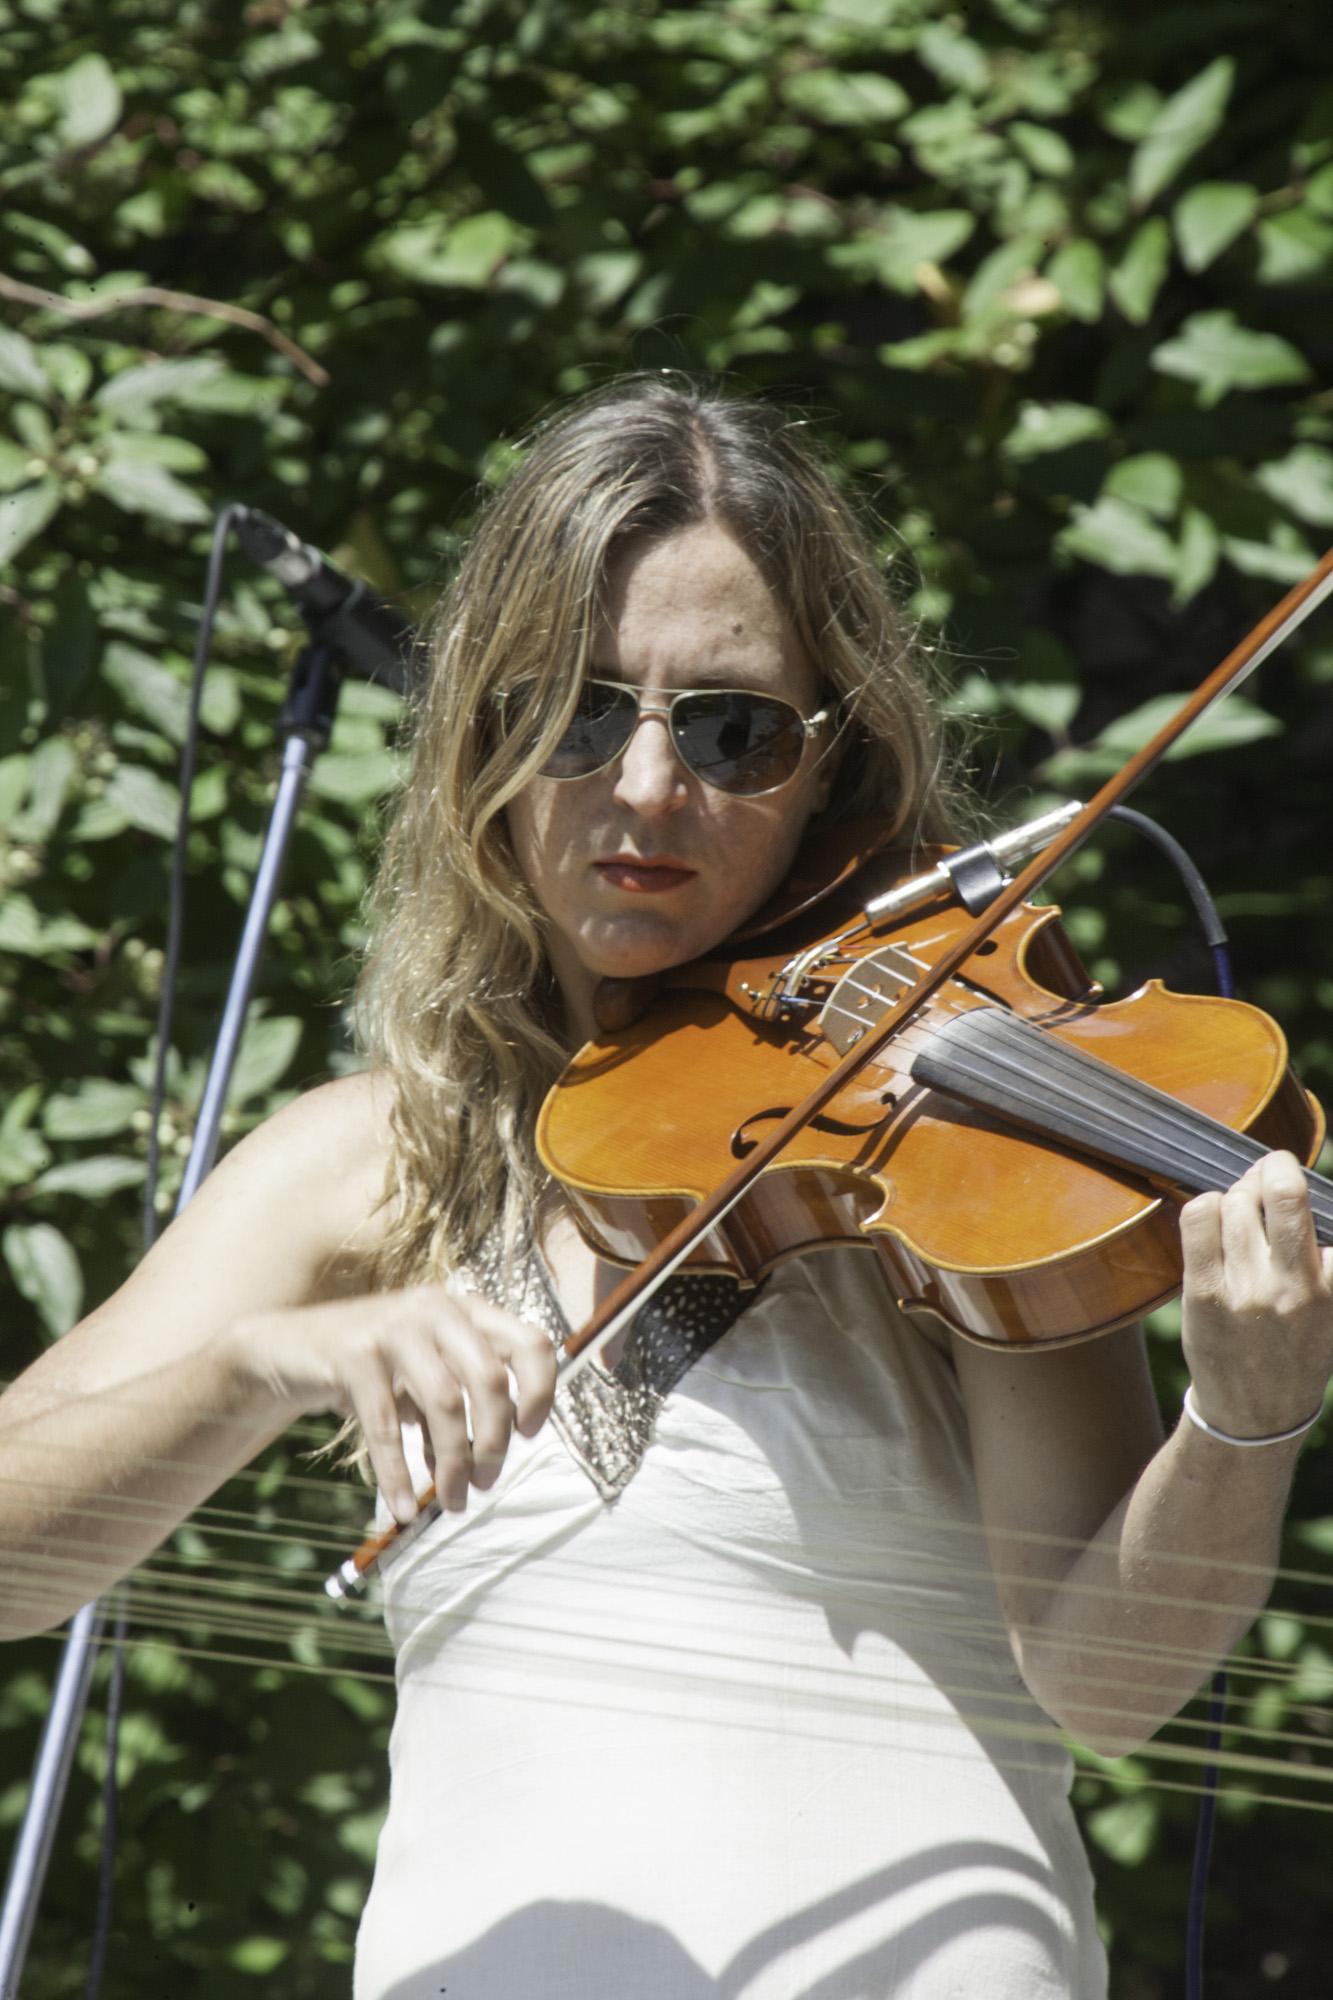 Julie on violin 01.jpg